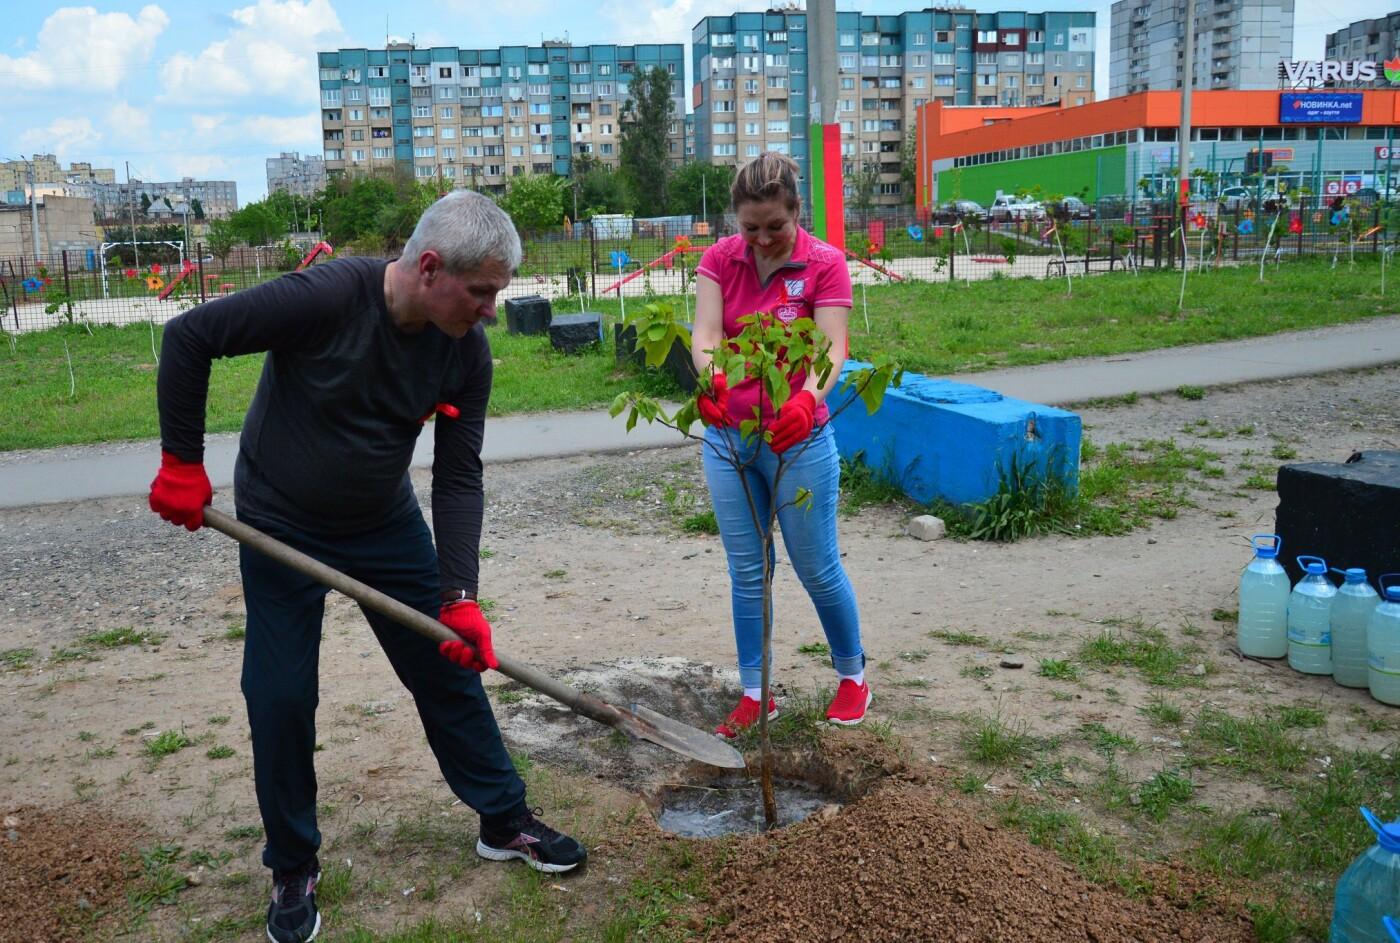 В Кривом Роге появился живой памятник людям, которые умерли из-за СПИДа, - ФОТО , фото-16